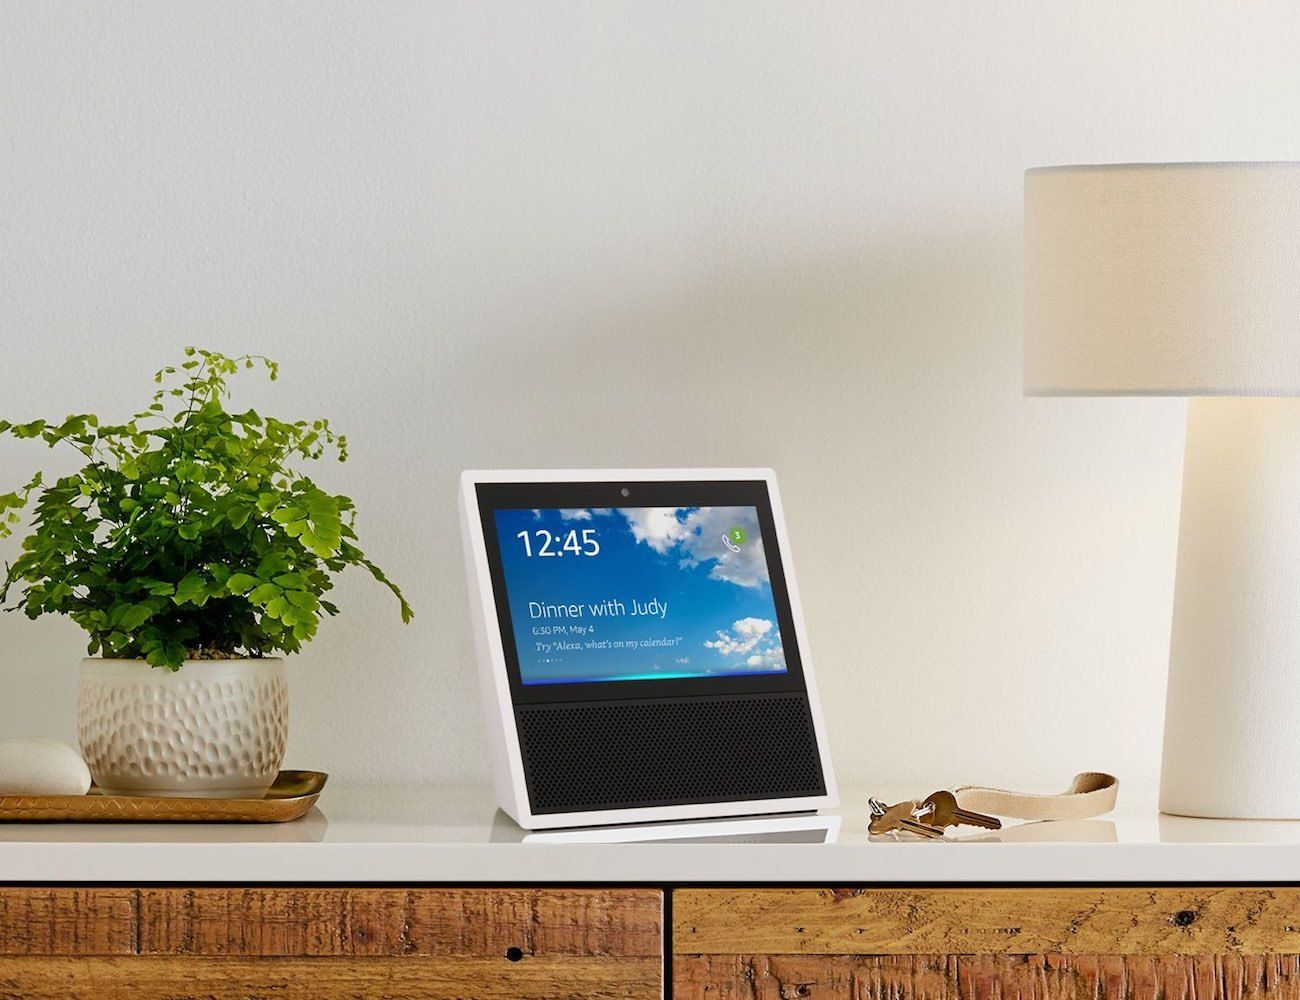 Amazon Echo Show Smart Display